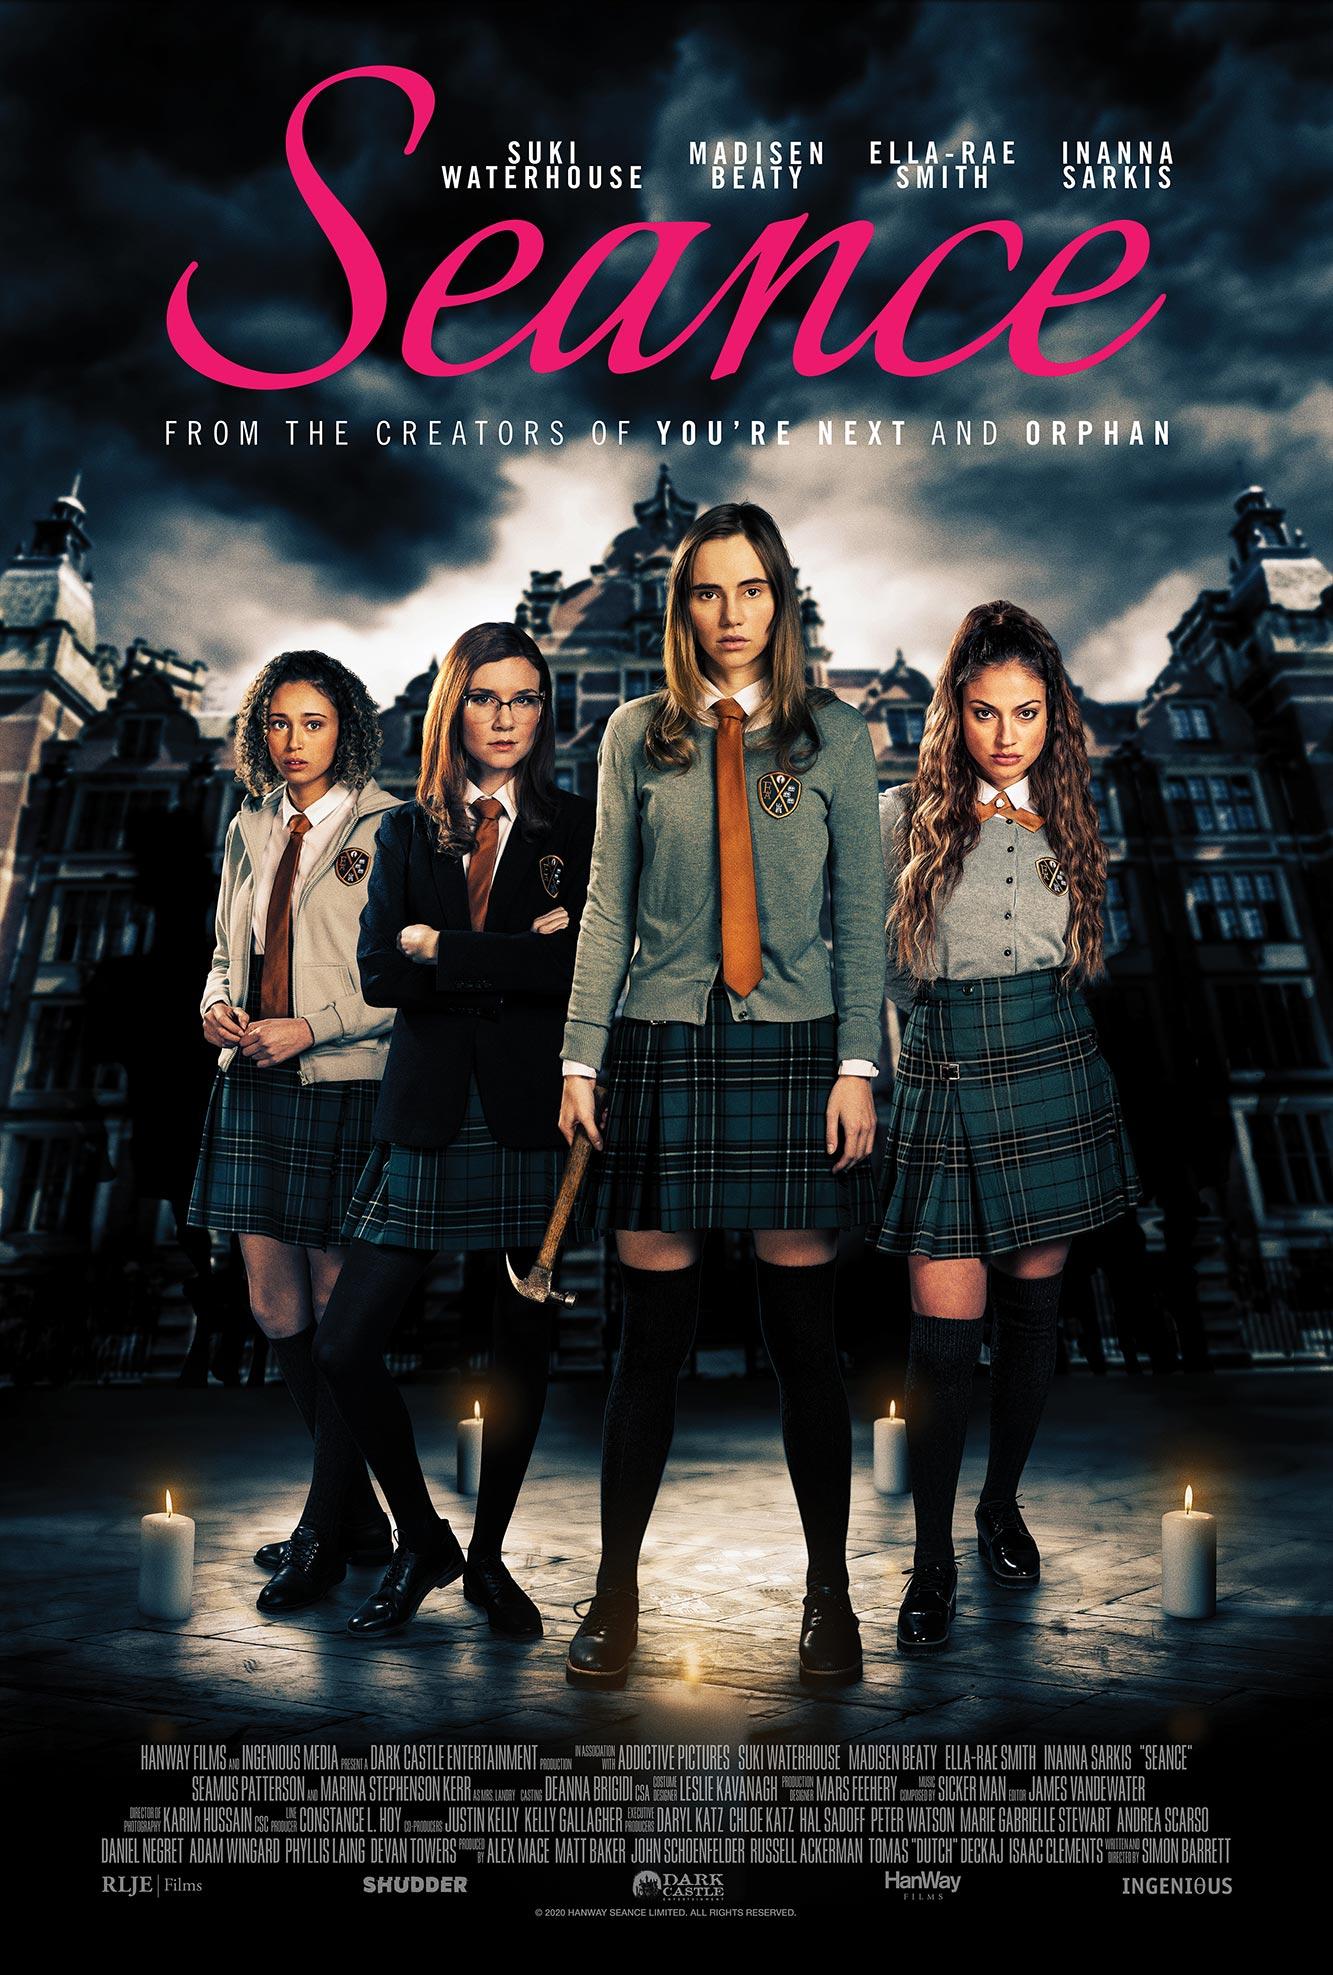 Seance – Teaser Poster